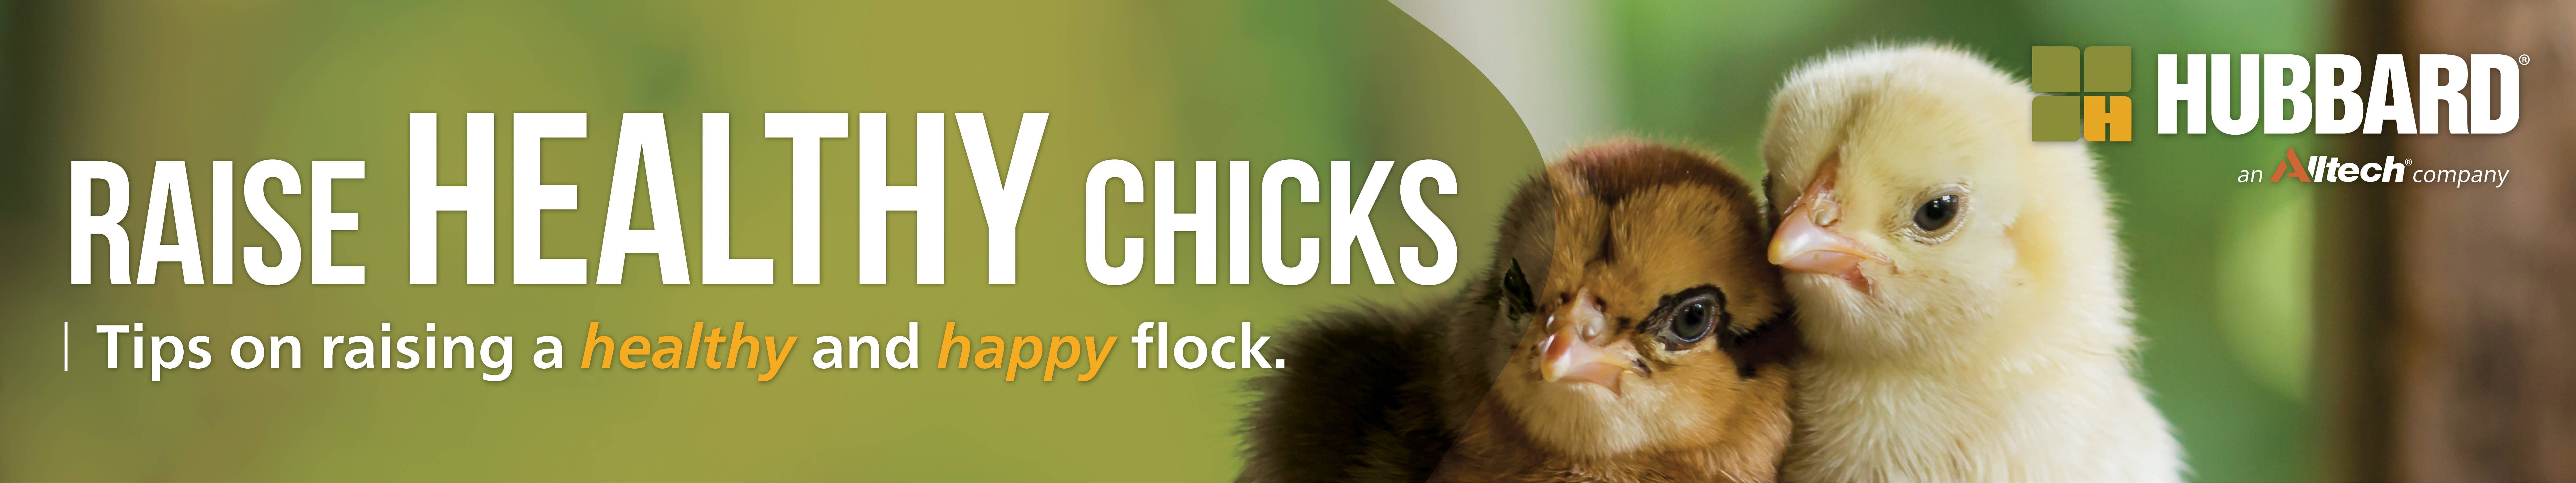 Chick Days_COVID Campaign_2000x375